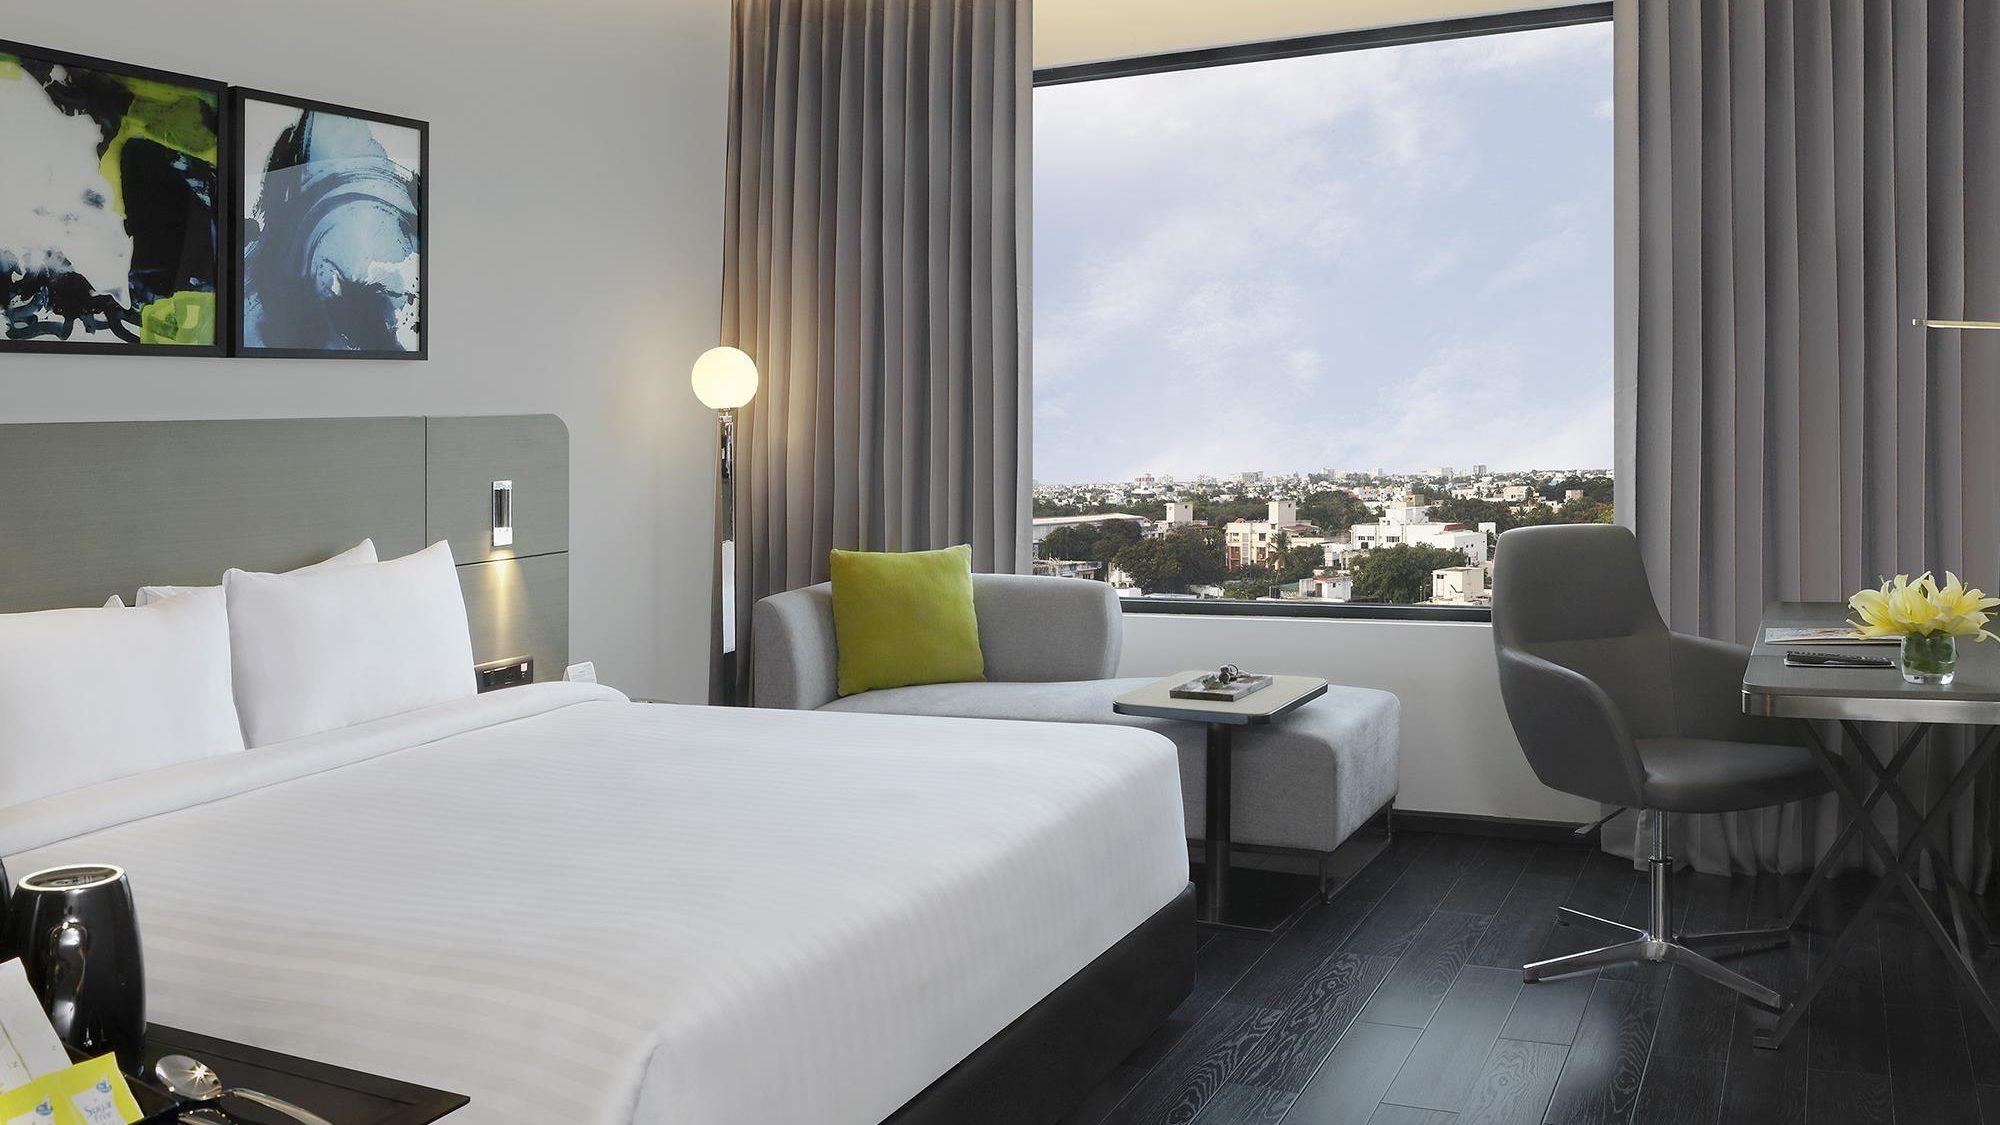 Esta cadena de hoteles continúa su expansión y busca nuevos negocios tras Covid-19